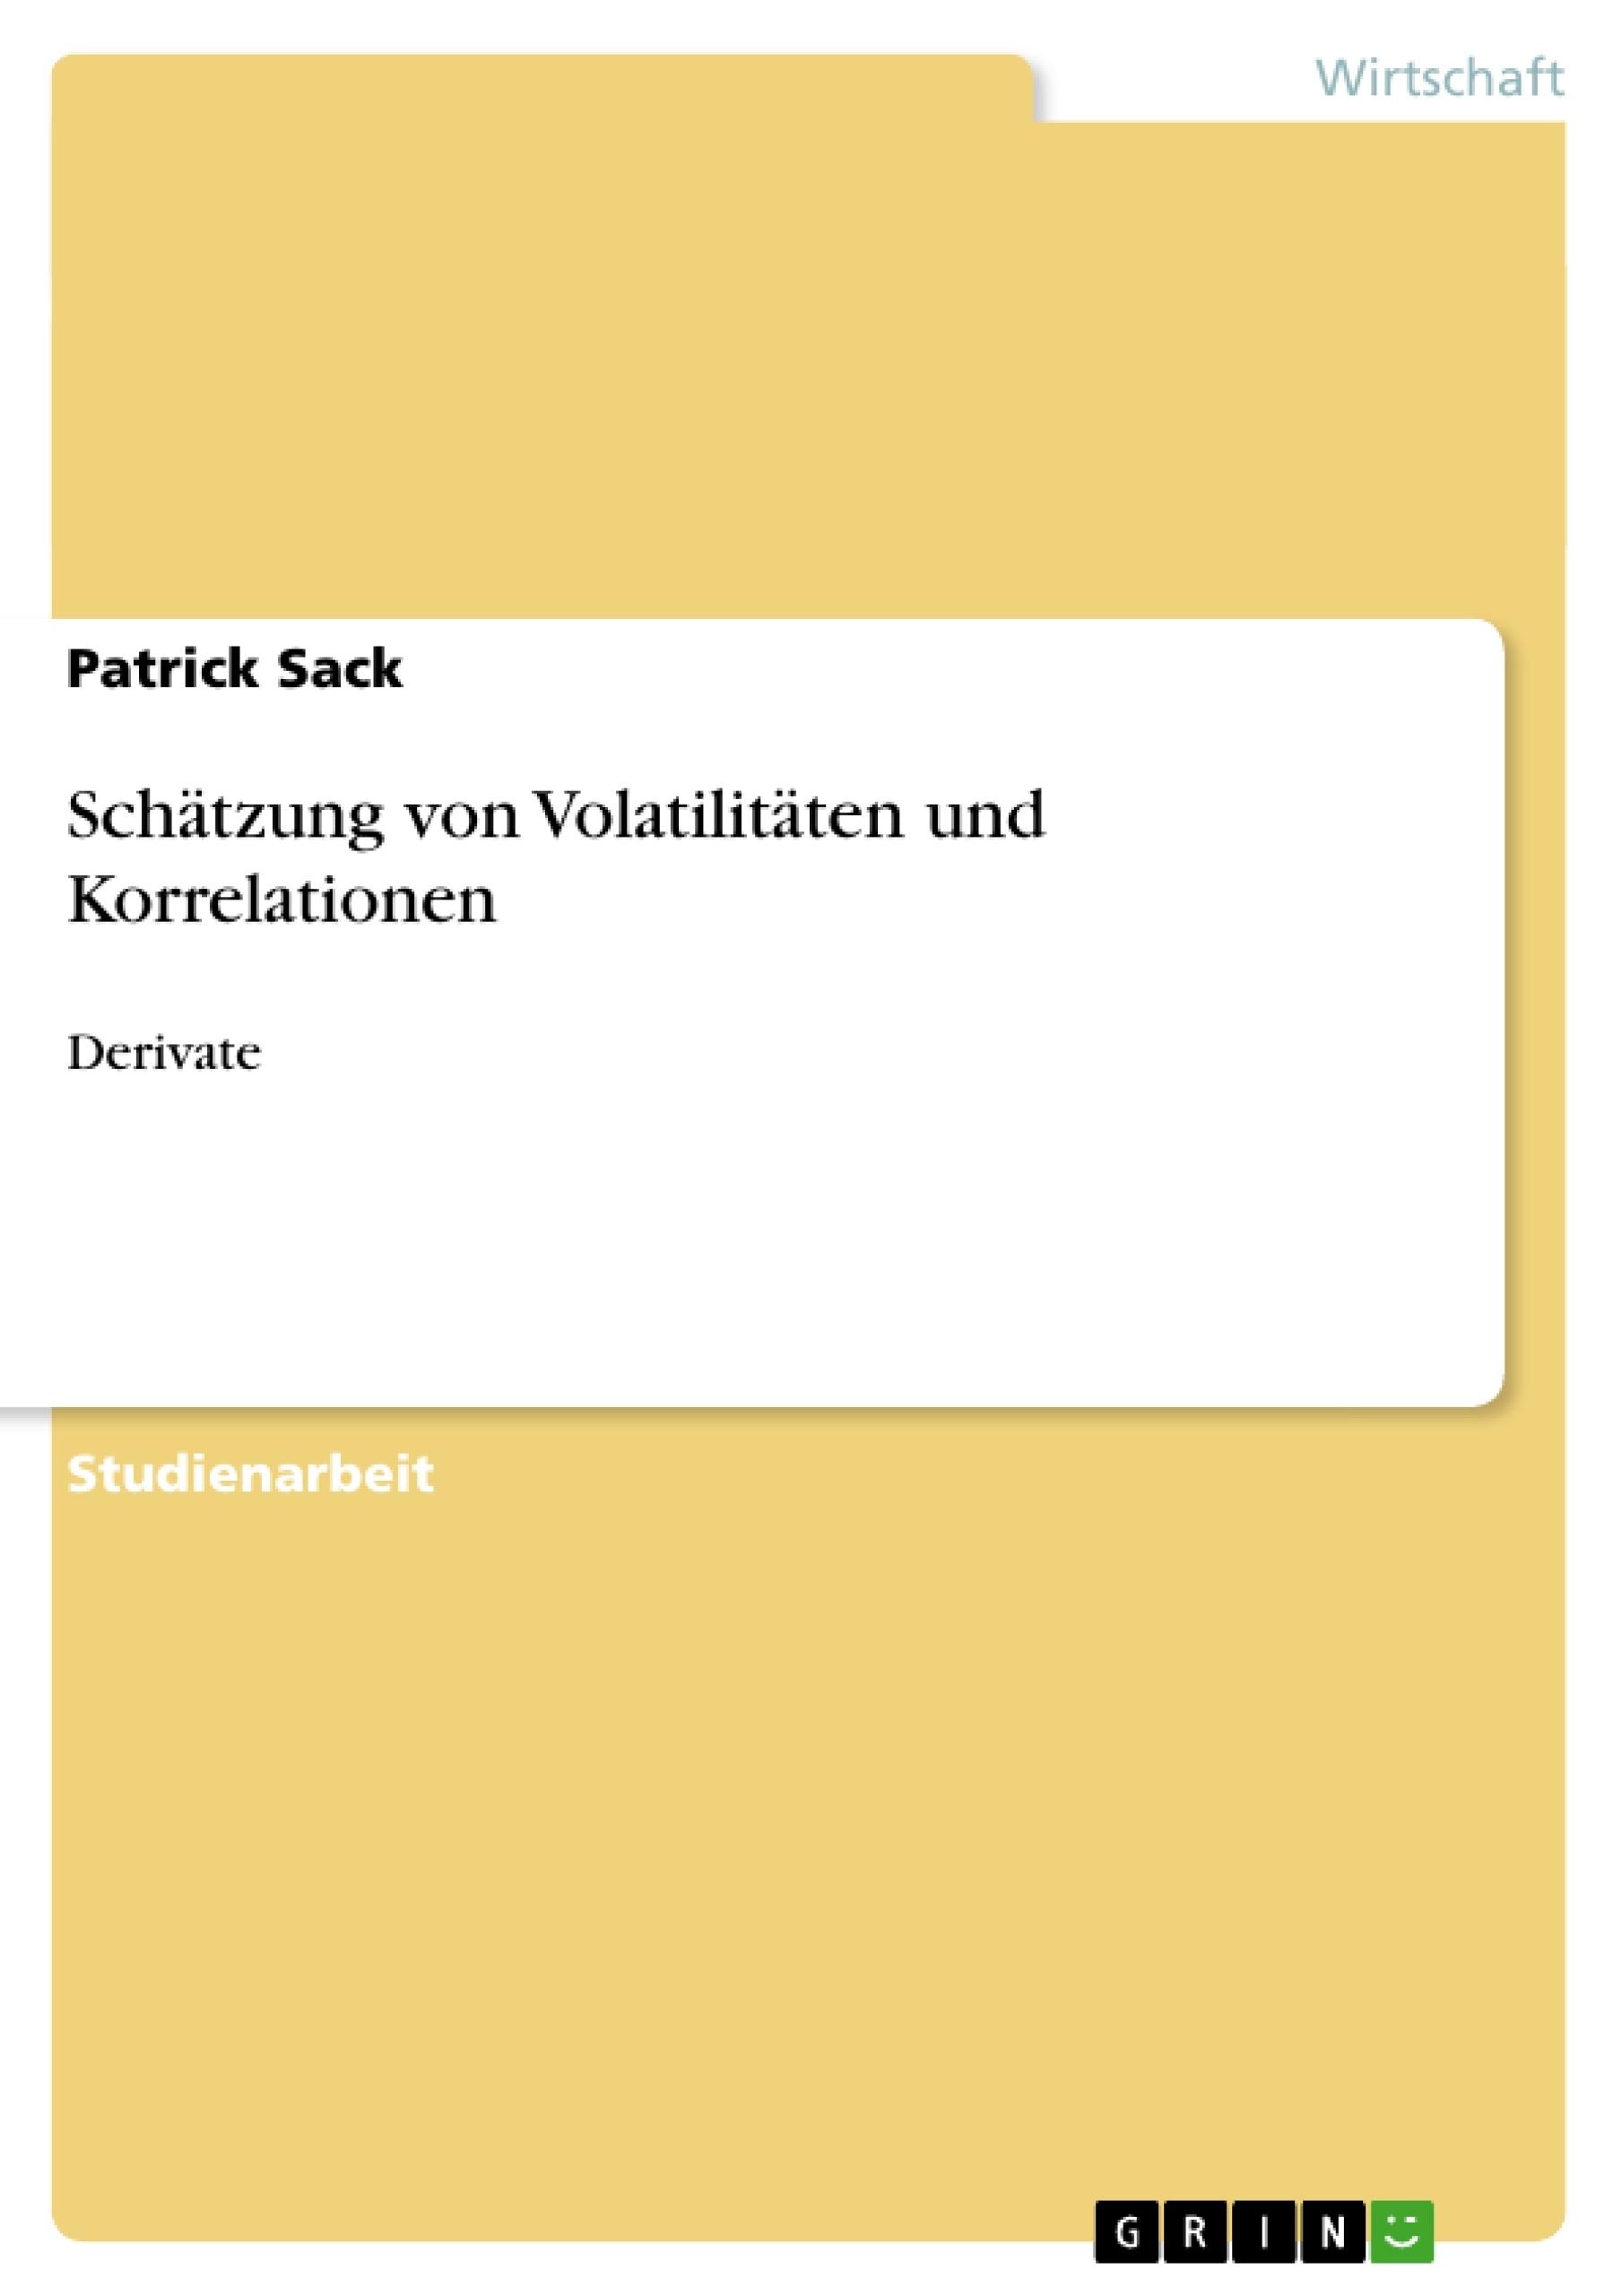 Schätzung von Volatilitäten und Korrelationen | Masterarbeit ...